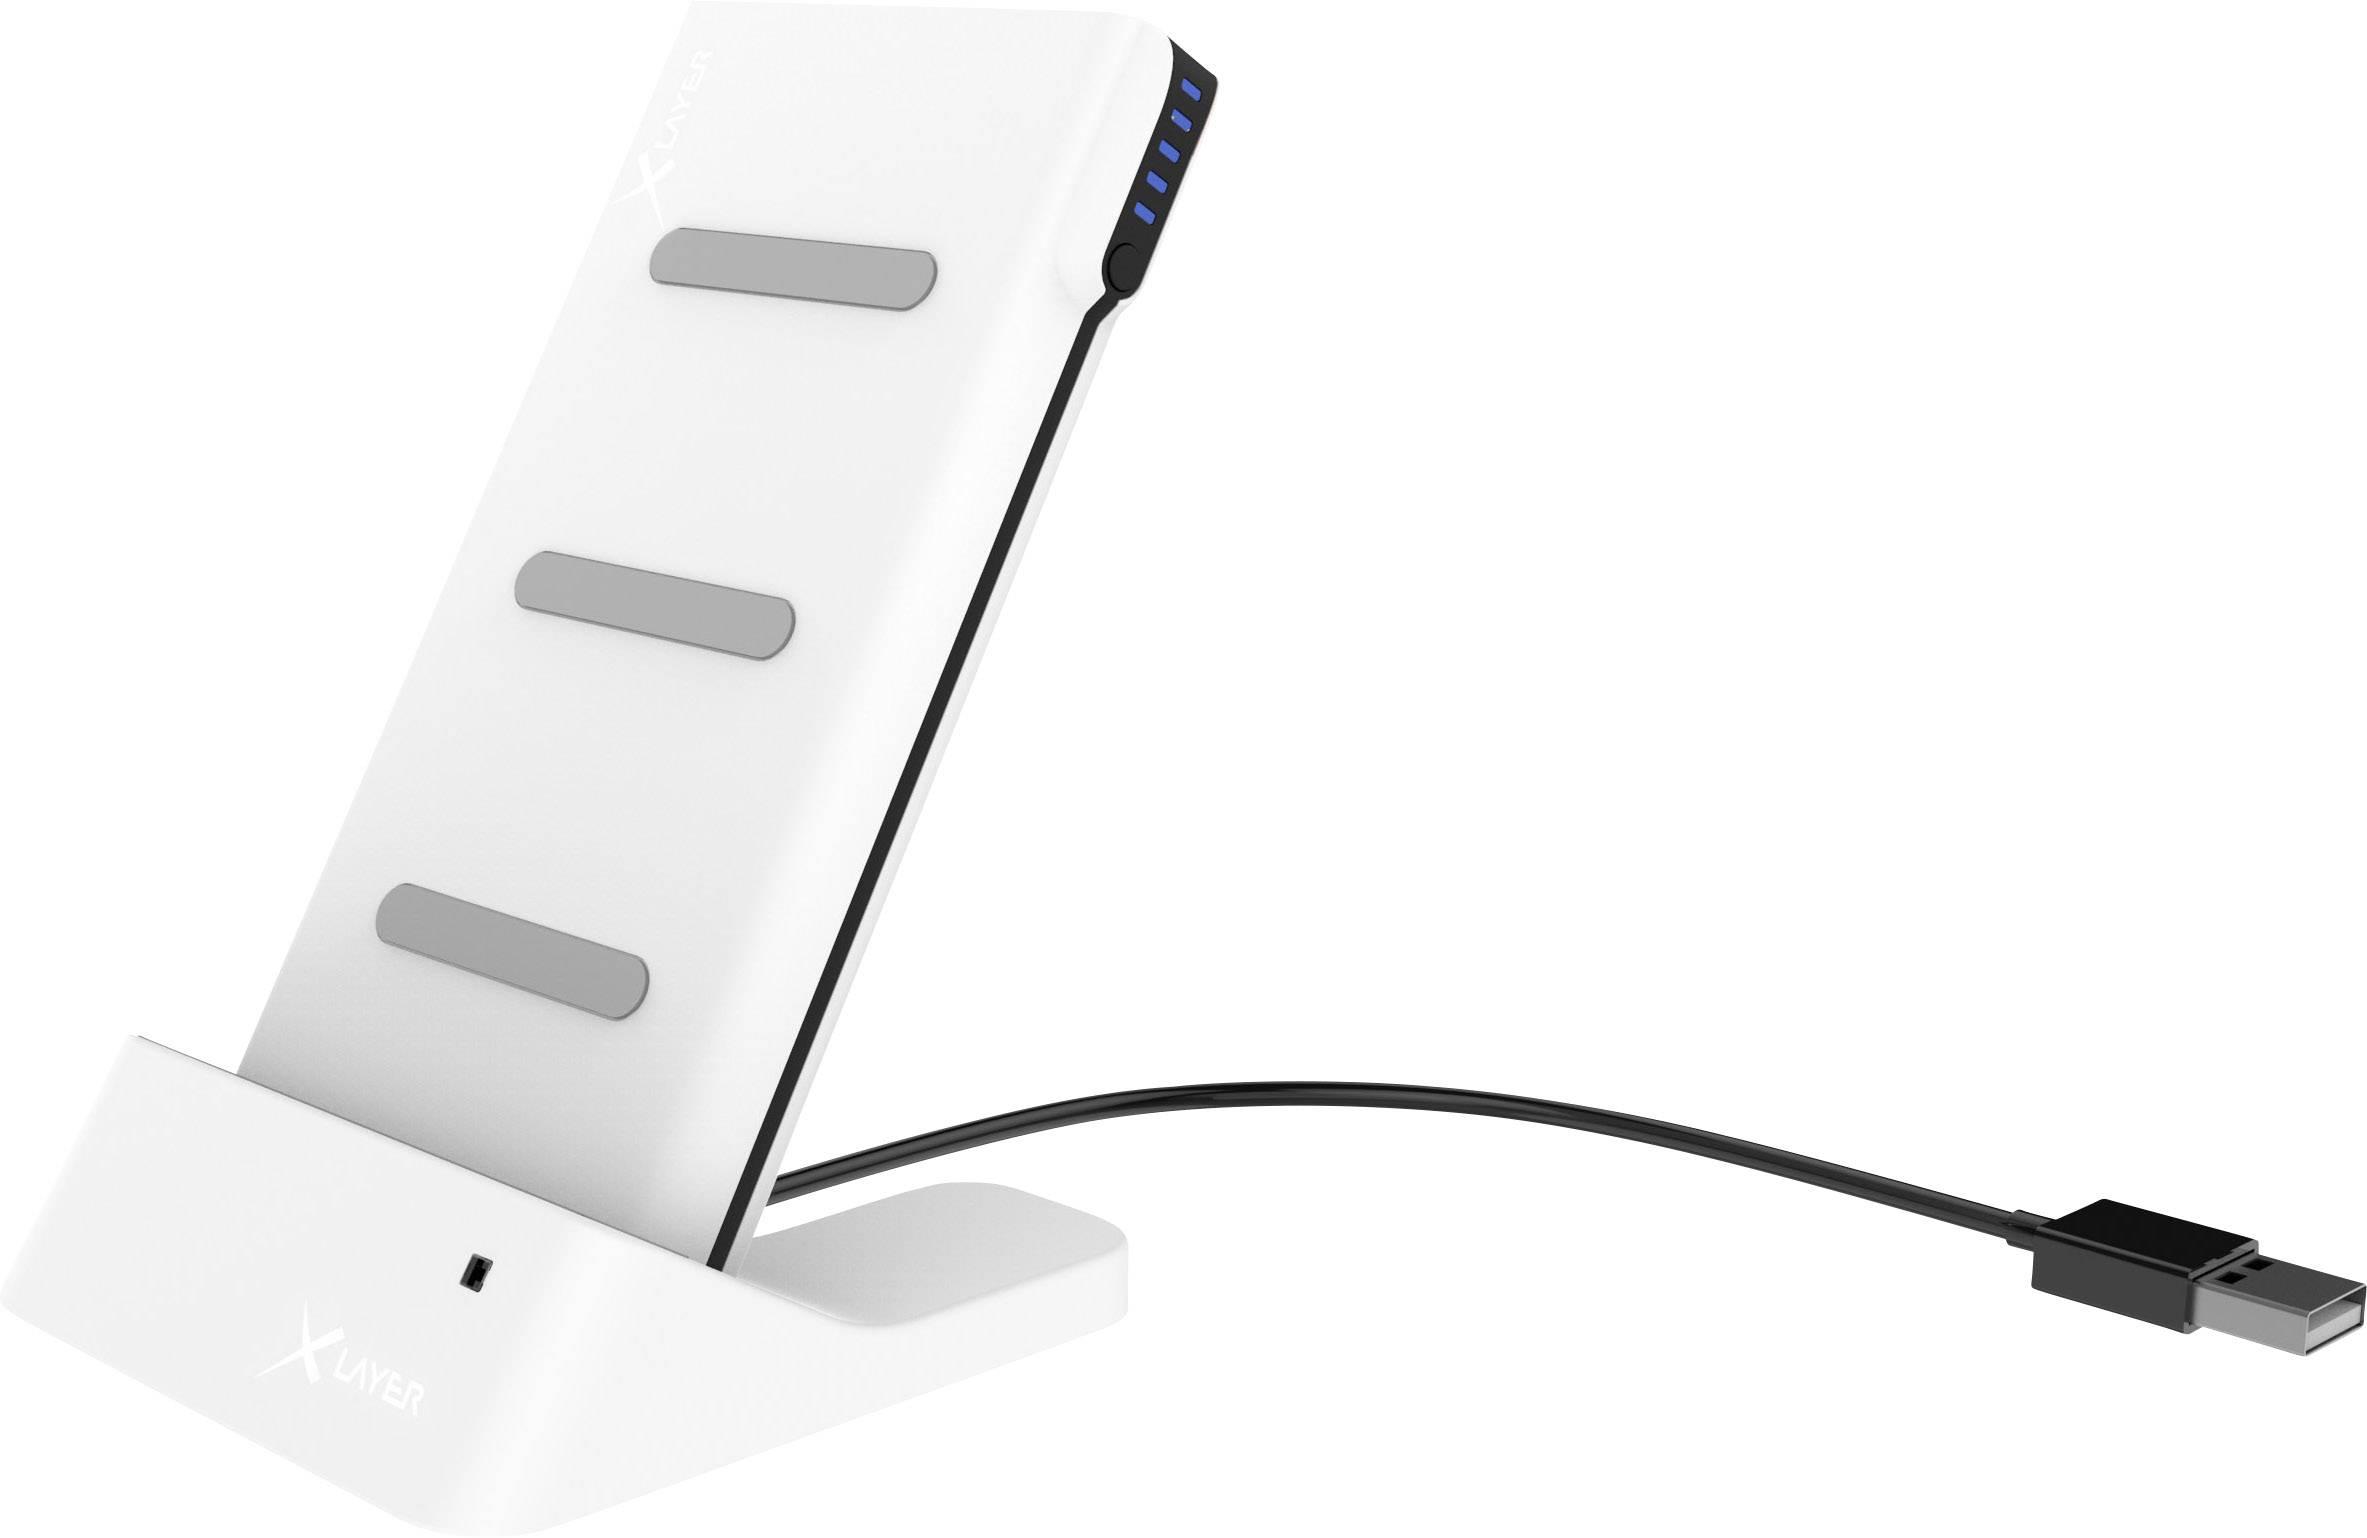 Bezdrátová indukční nabíječka Xlayer 215757, Qi standard, USB, bílá